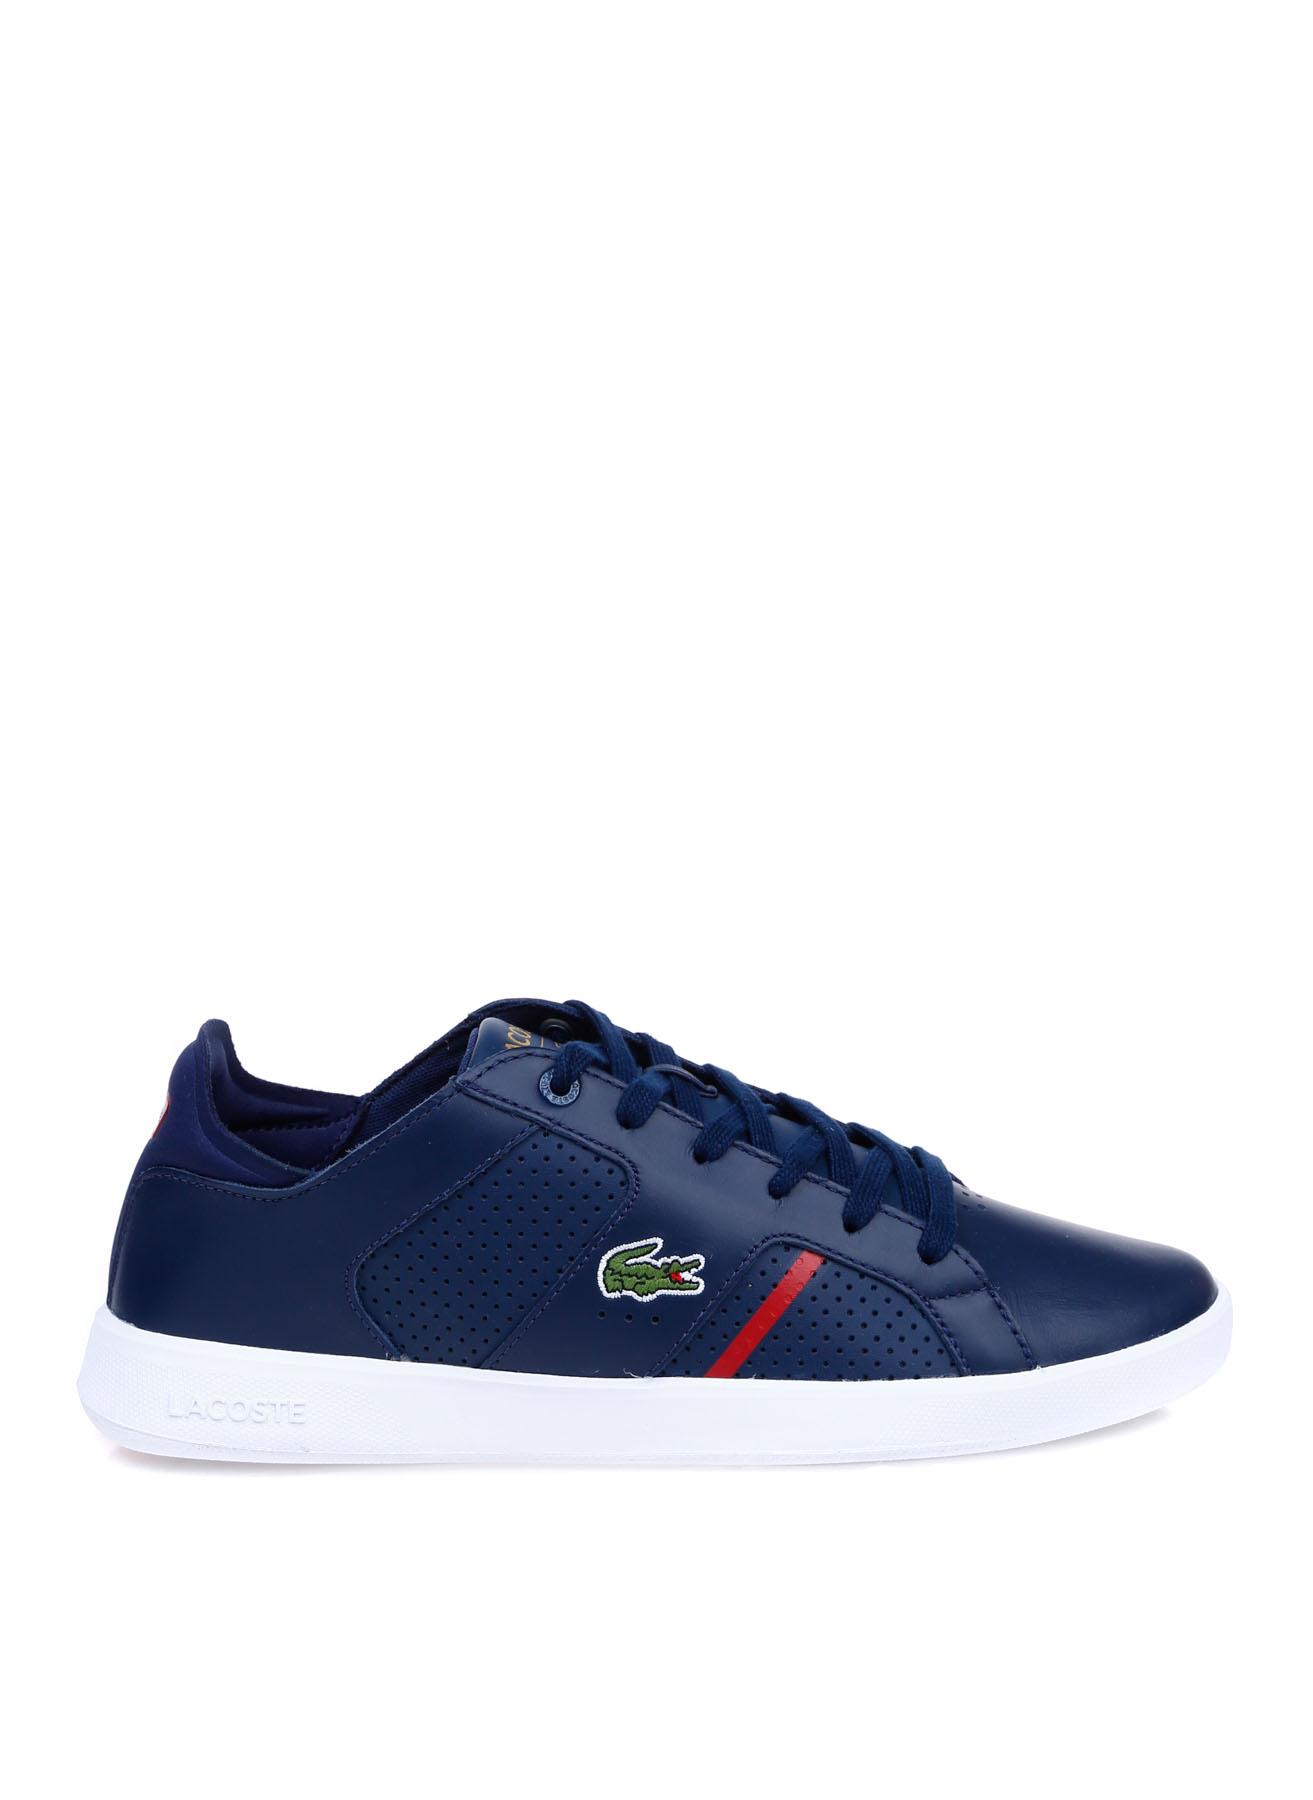 Lacoste Erkek Deri Lacivert Lifestyle Ayakkabı 45 5002314216001 Ürün Resmi